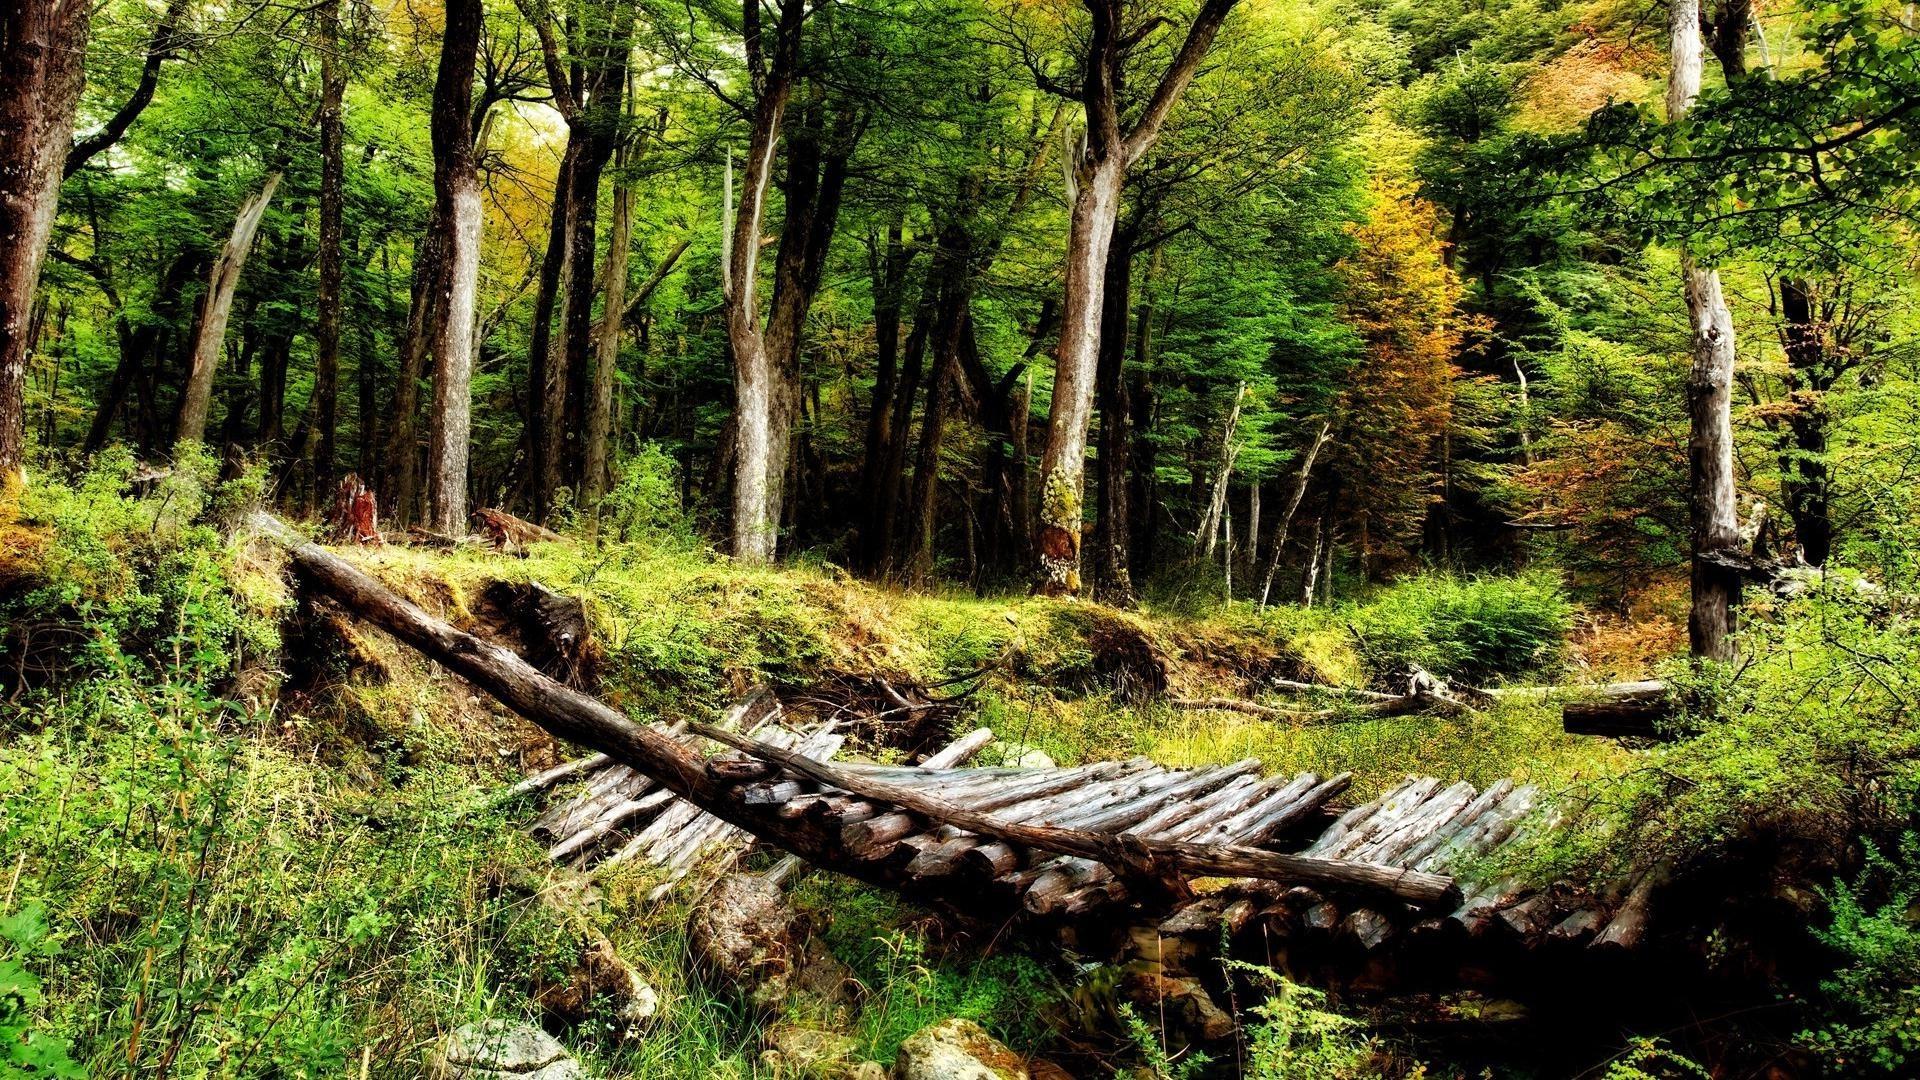 … Beautiful-Nature-Wallpaper-Desktop-Free-Download …